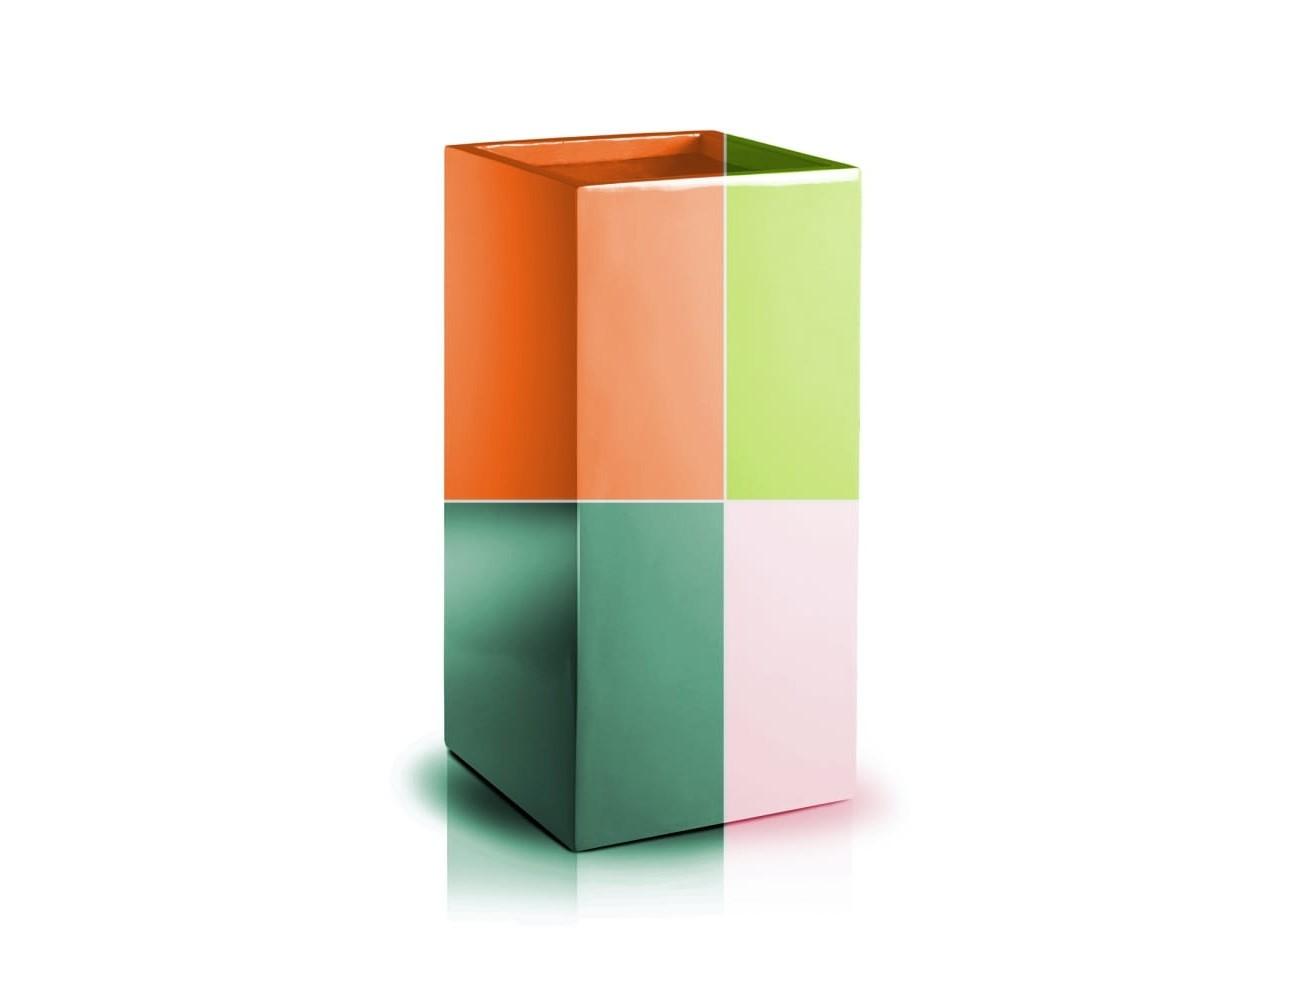 Donica Fiberglass 50x23 cm kolor na zamówienie